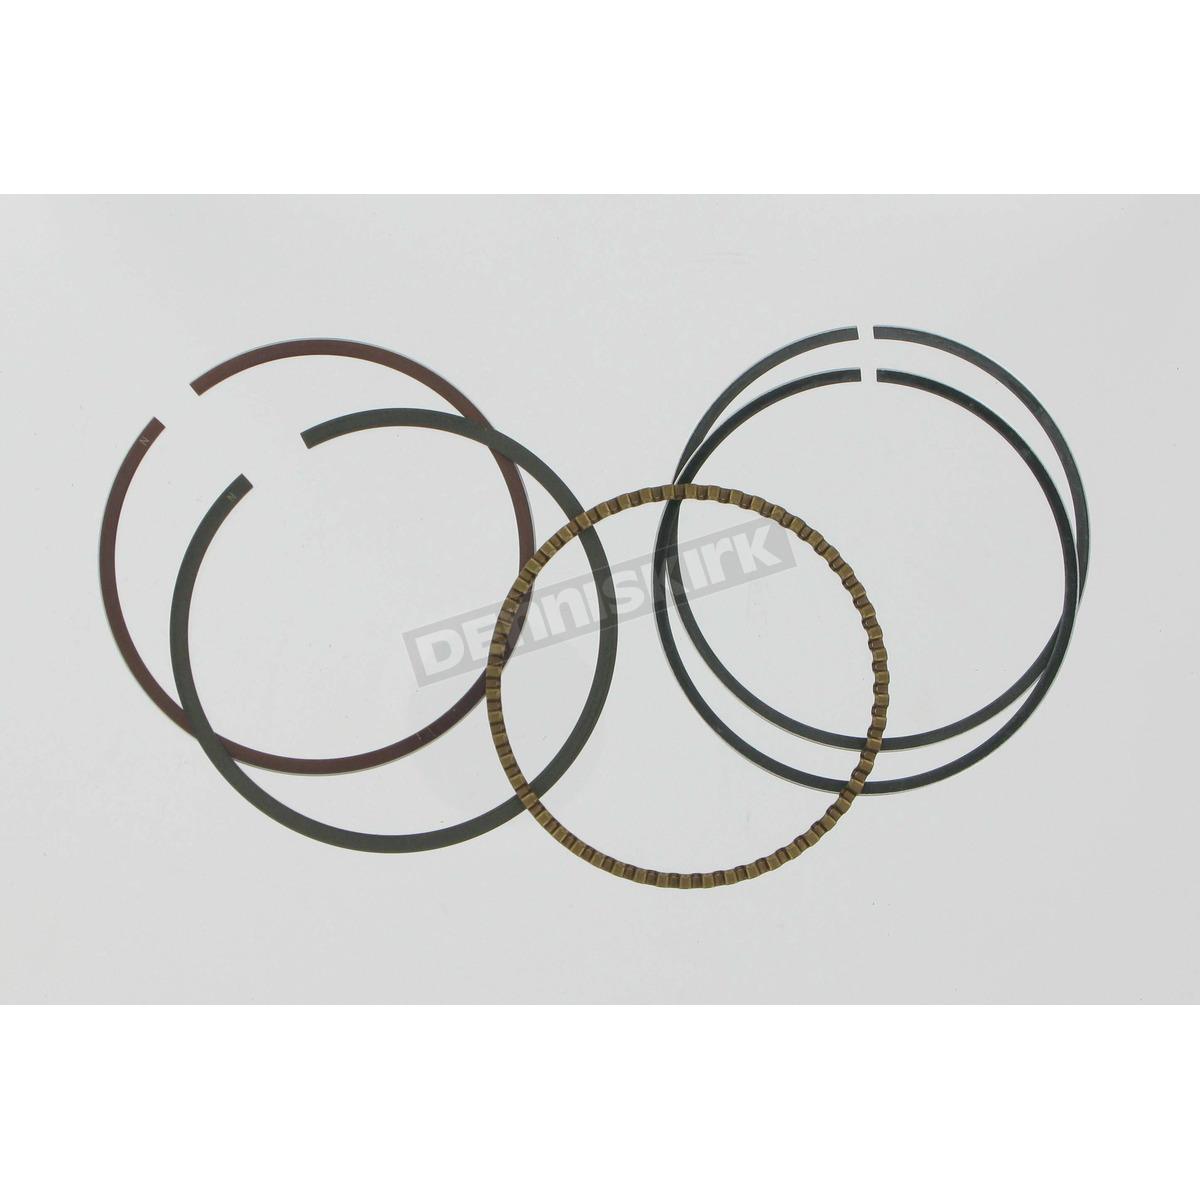 Wiseco Piston Rings